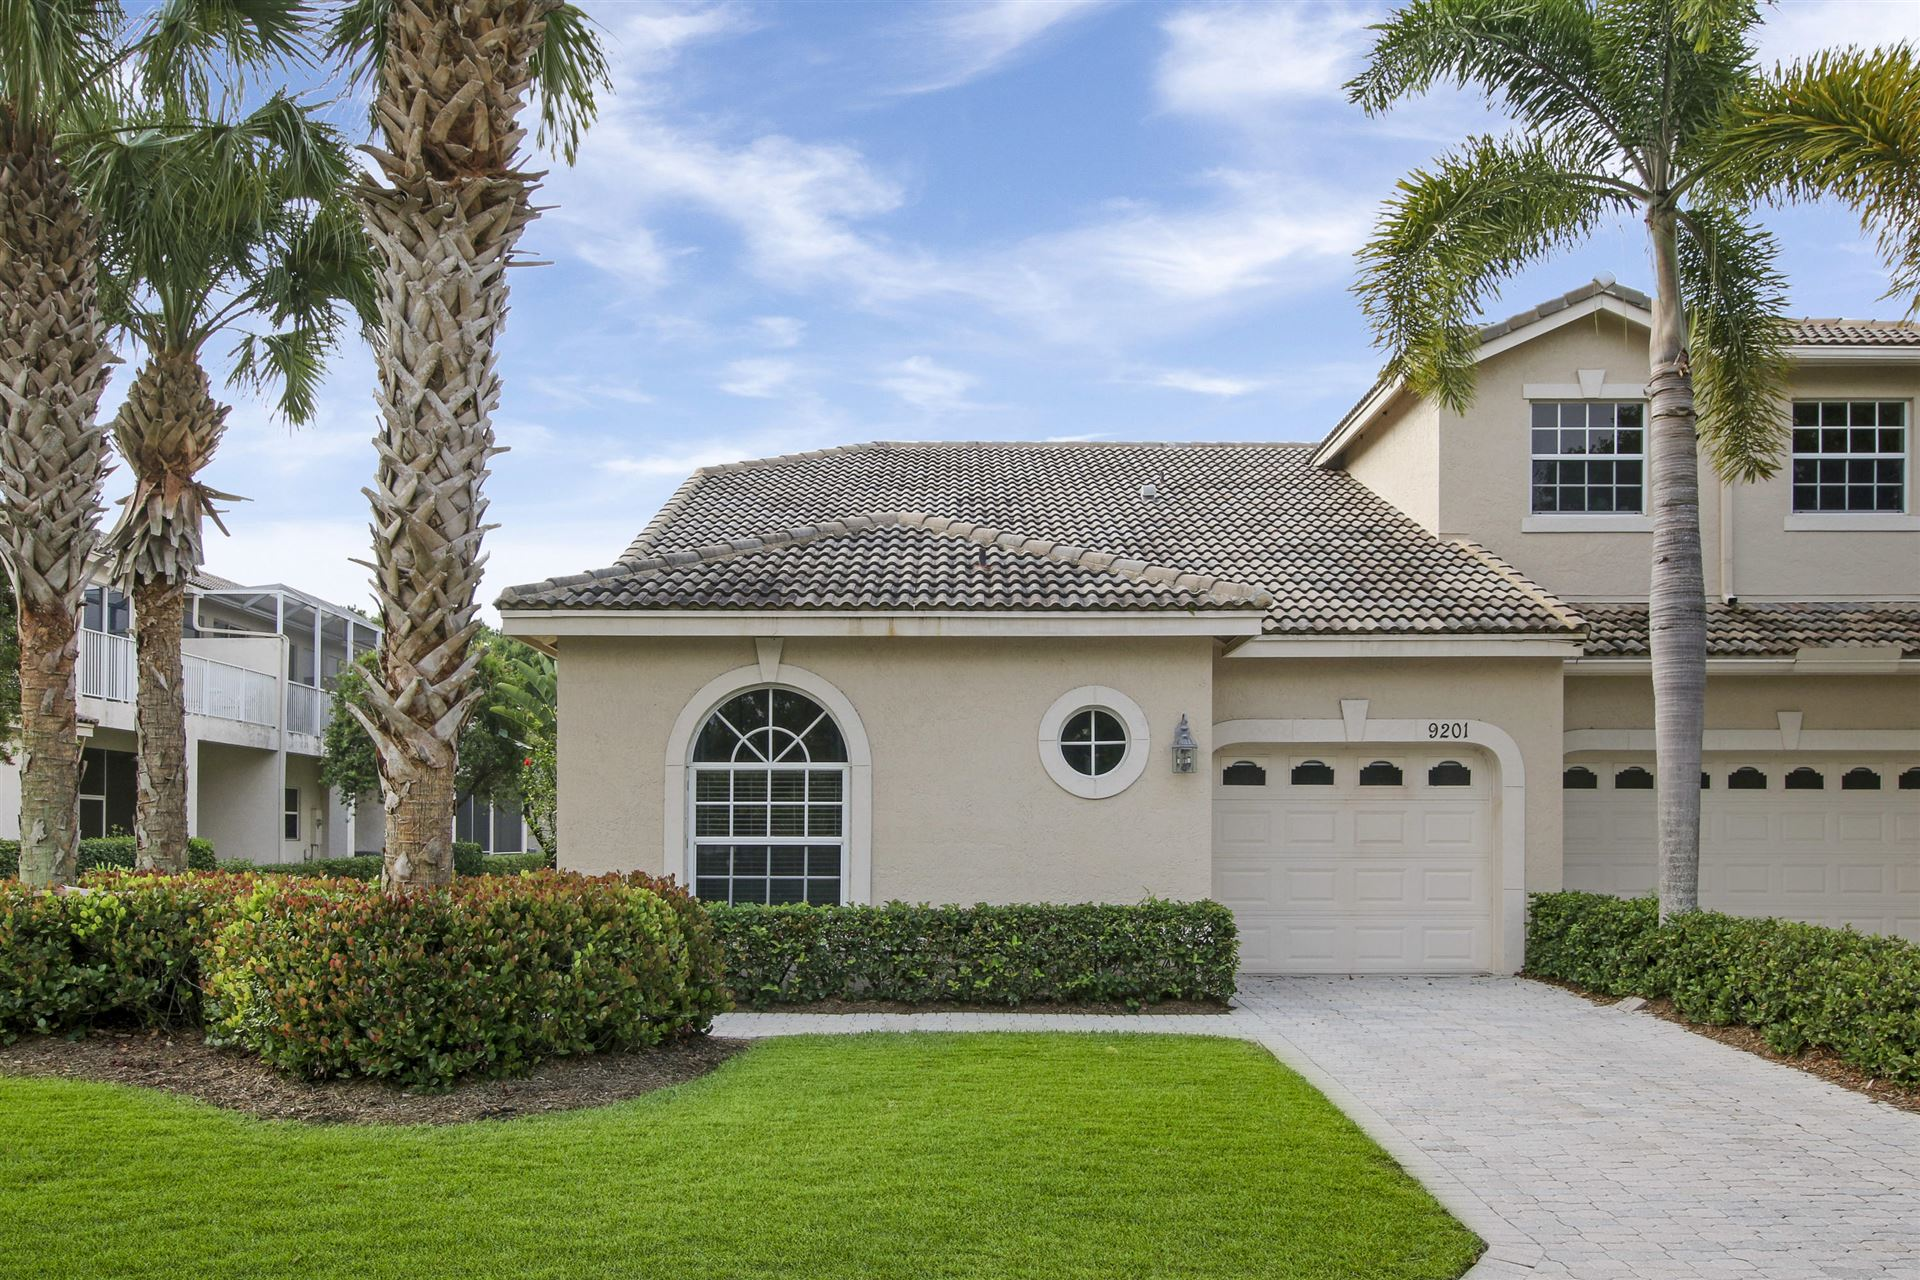 9201 Wentworth Lane, Port Saint Lucie, FL 34986 - MLS#: RX-10718431